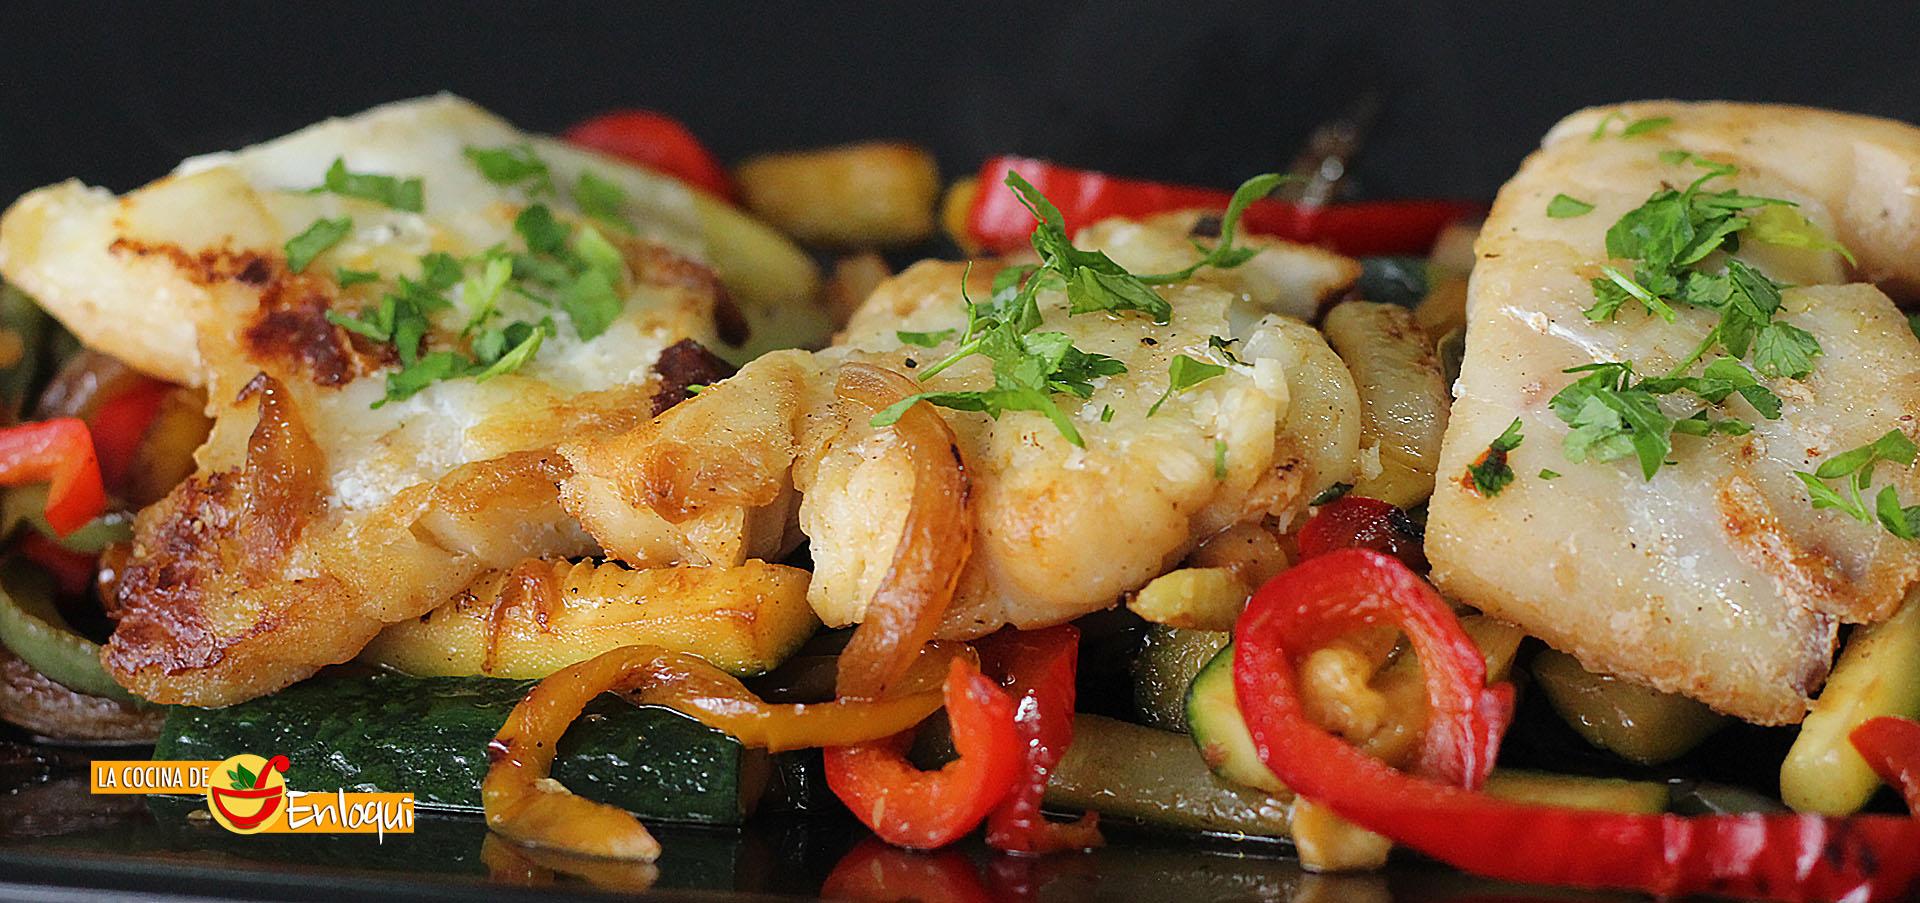 Bacalao con verduras pescados y mariscos la cocina de - Cocinar bacalao congelado ...